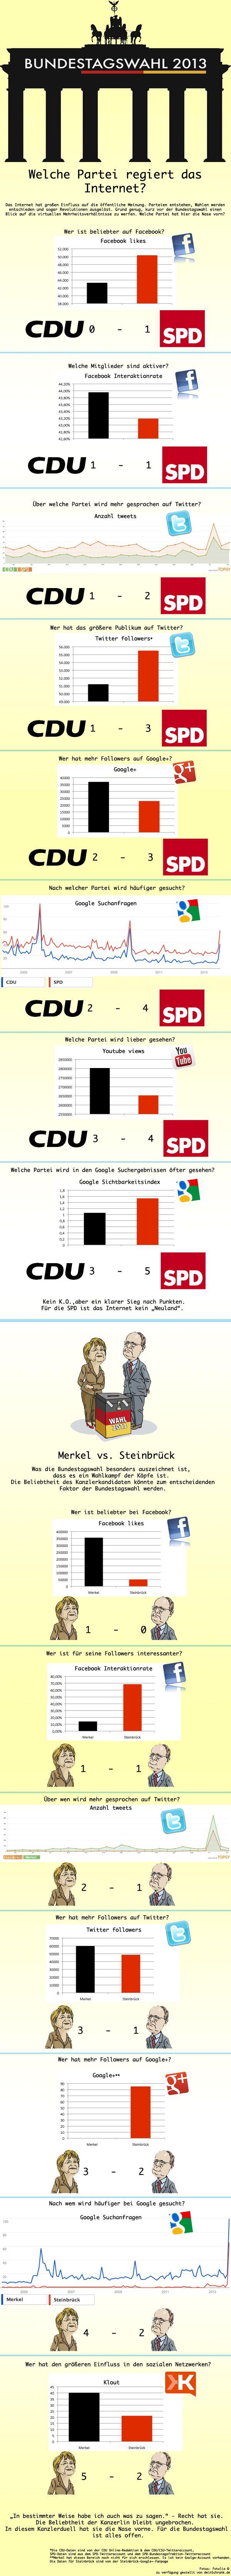 Bundestagswahl 2013 - wer dominiert das Internet?  weitere Informationen auf http://www.deineankleide.de/blog/bundestagswahl2013/